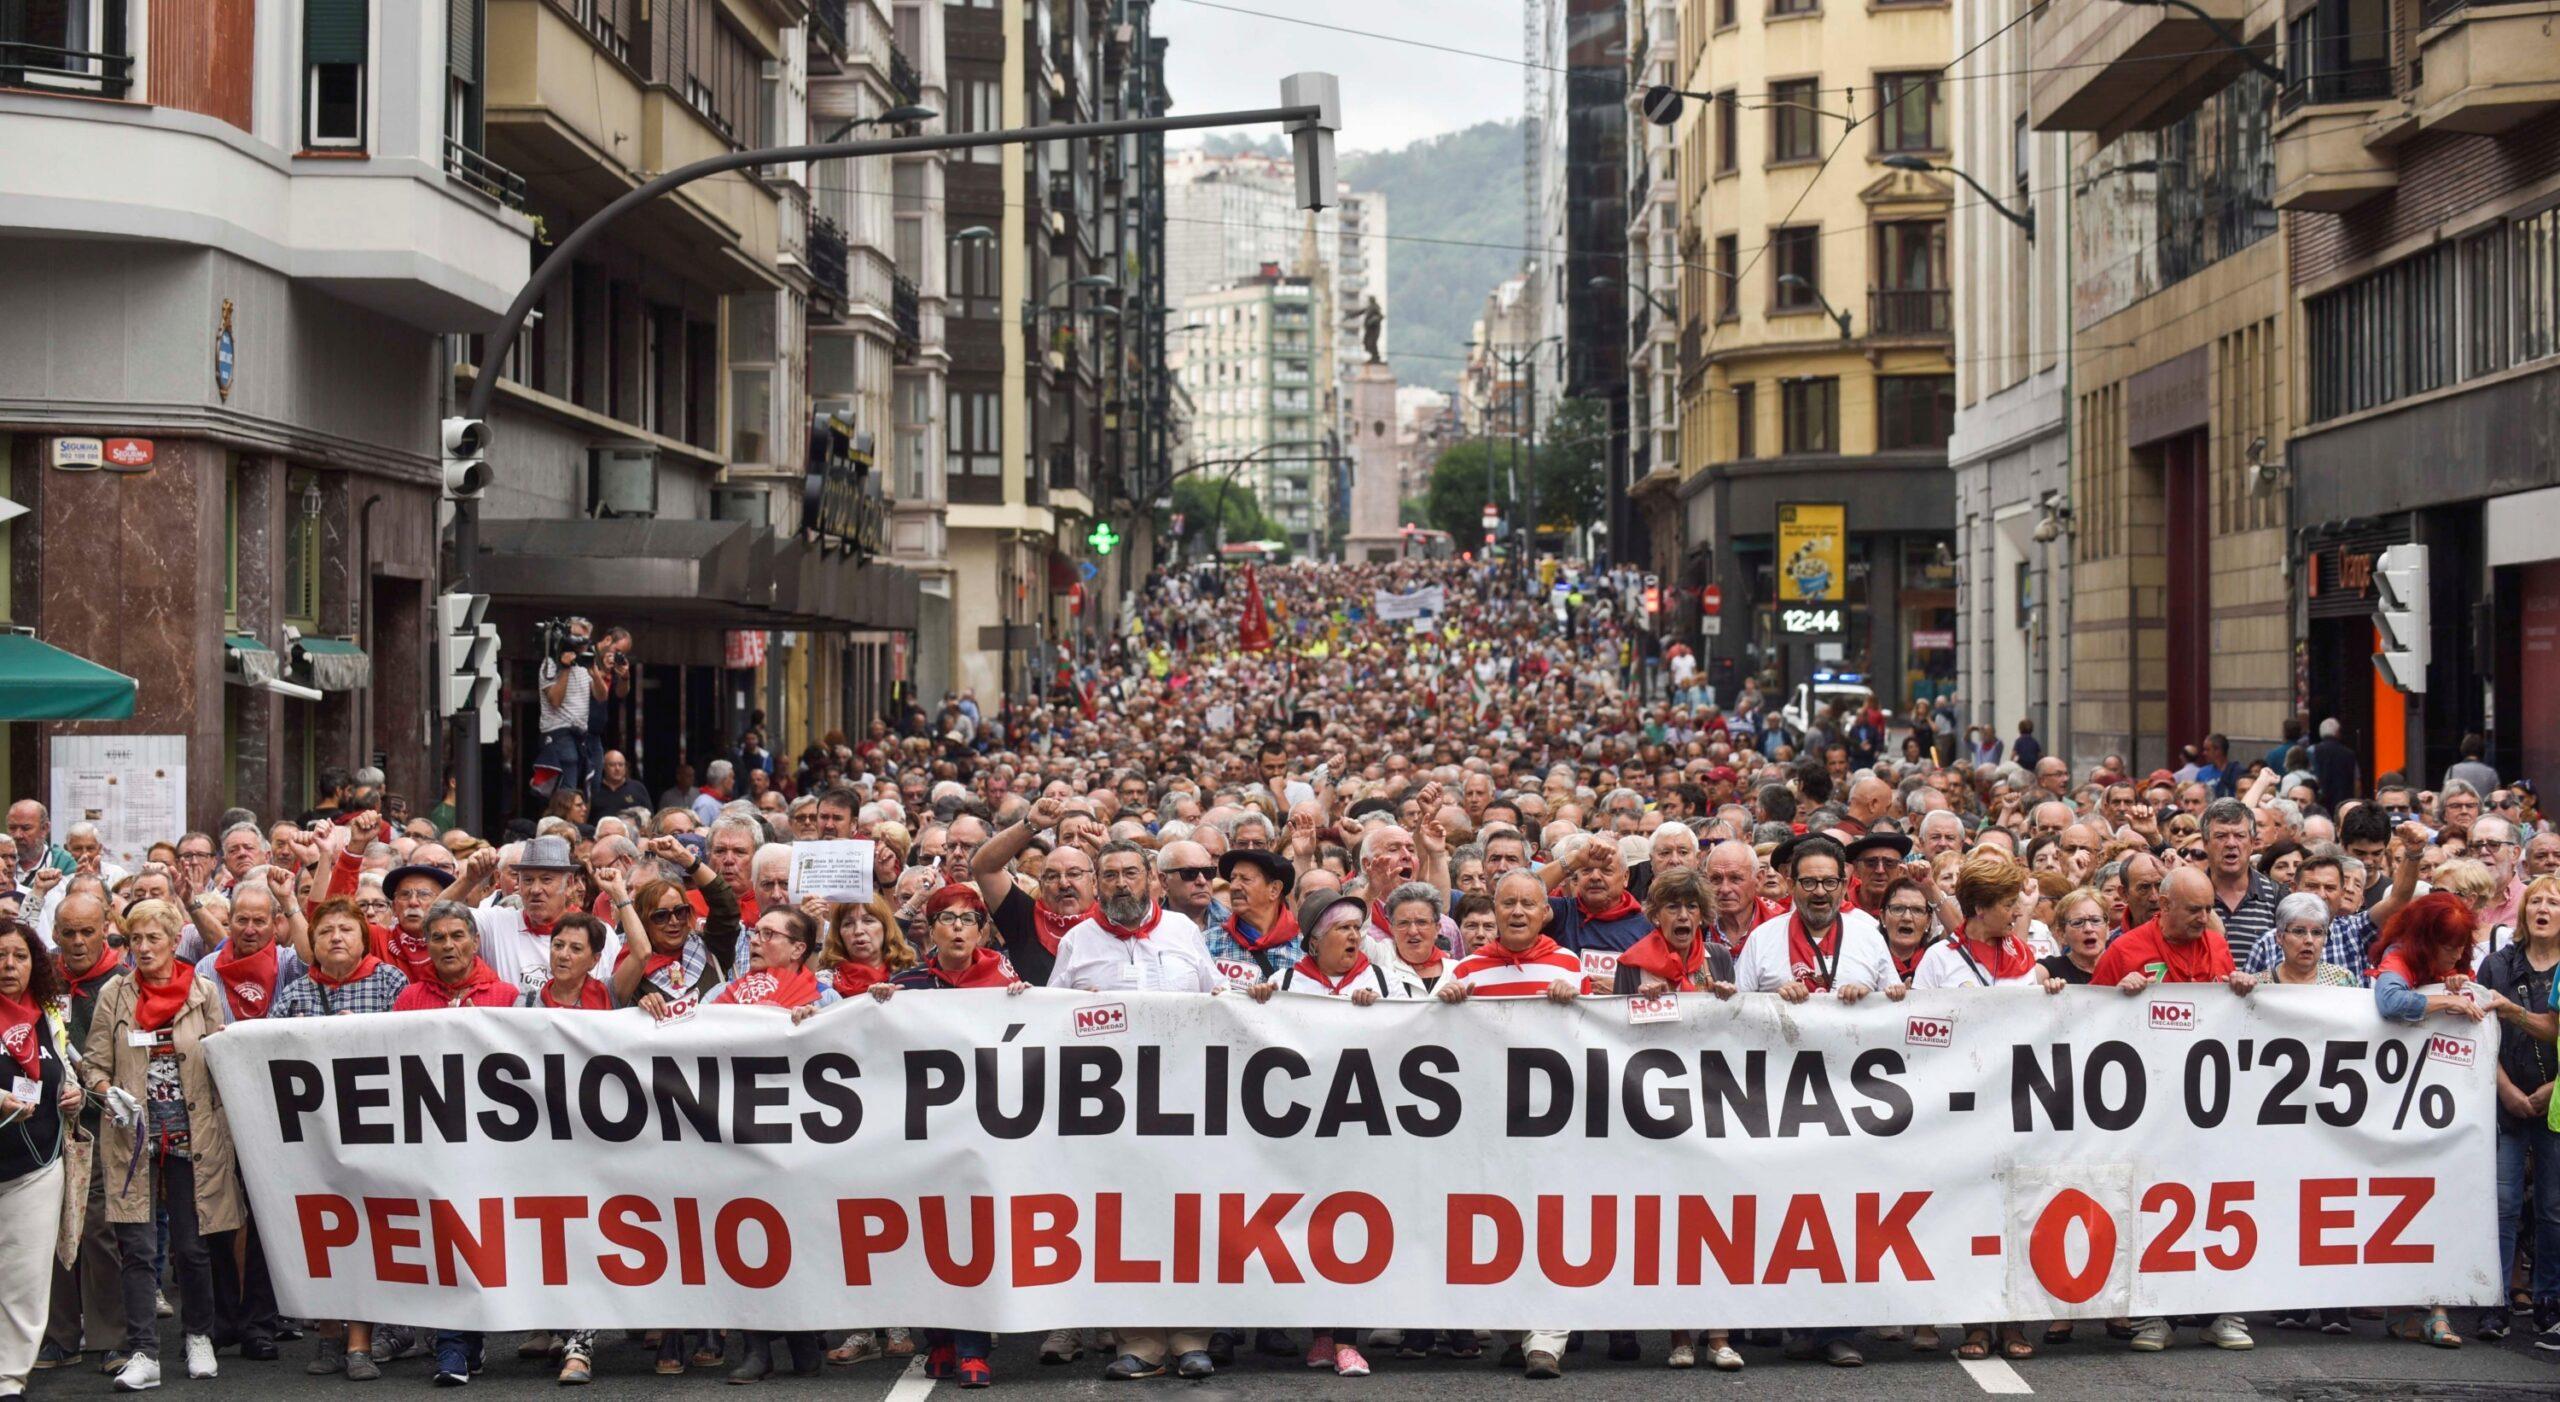 Las pensiones públicas siempre son un problema para el capitalismo ¡O ellos o nosotros!